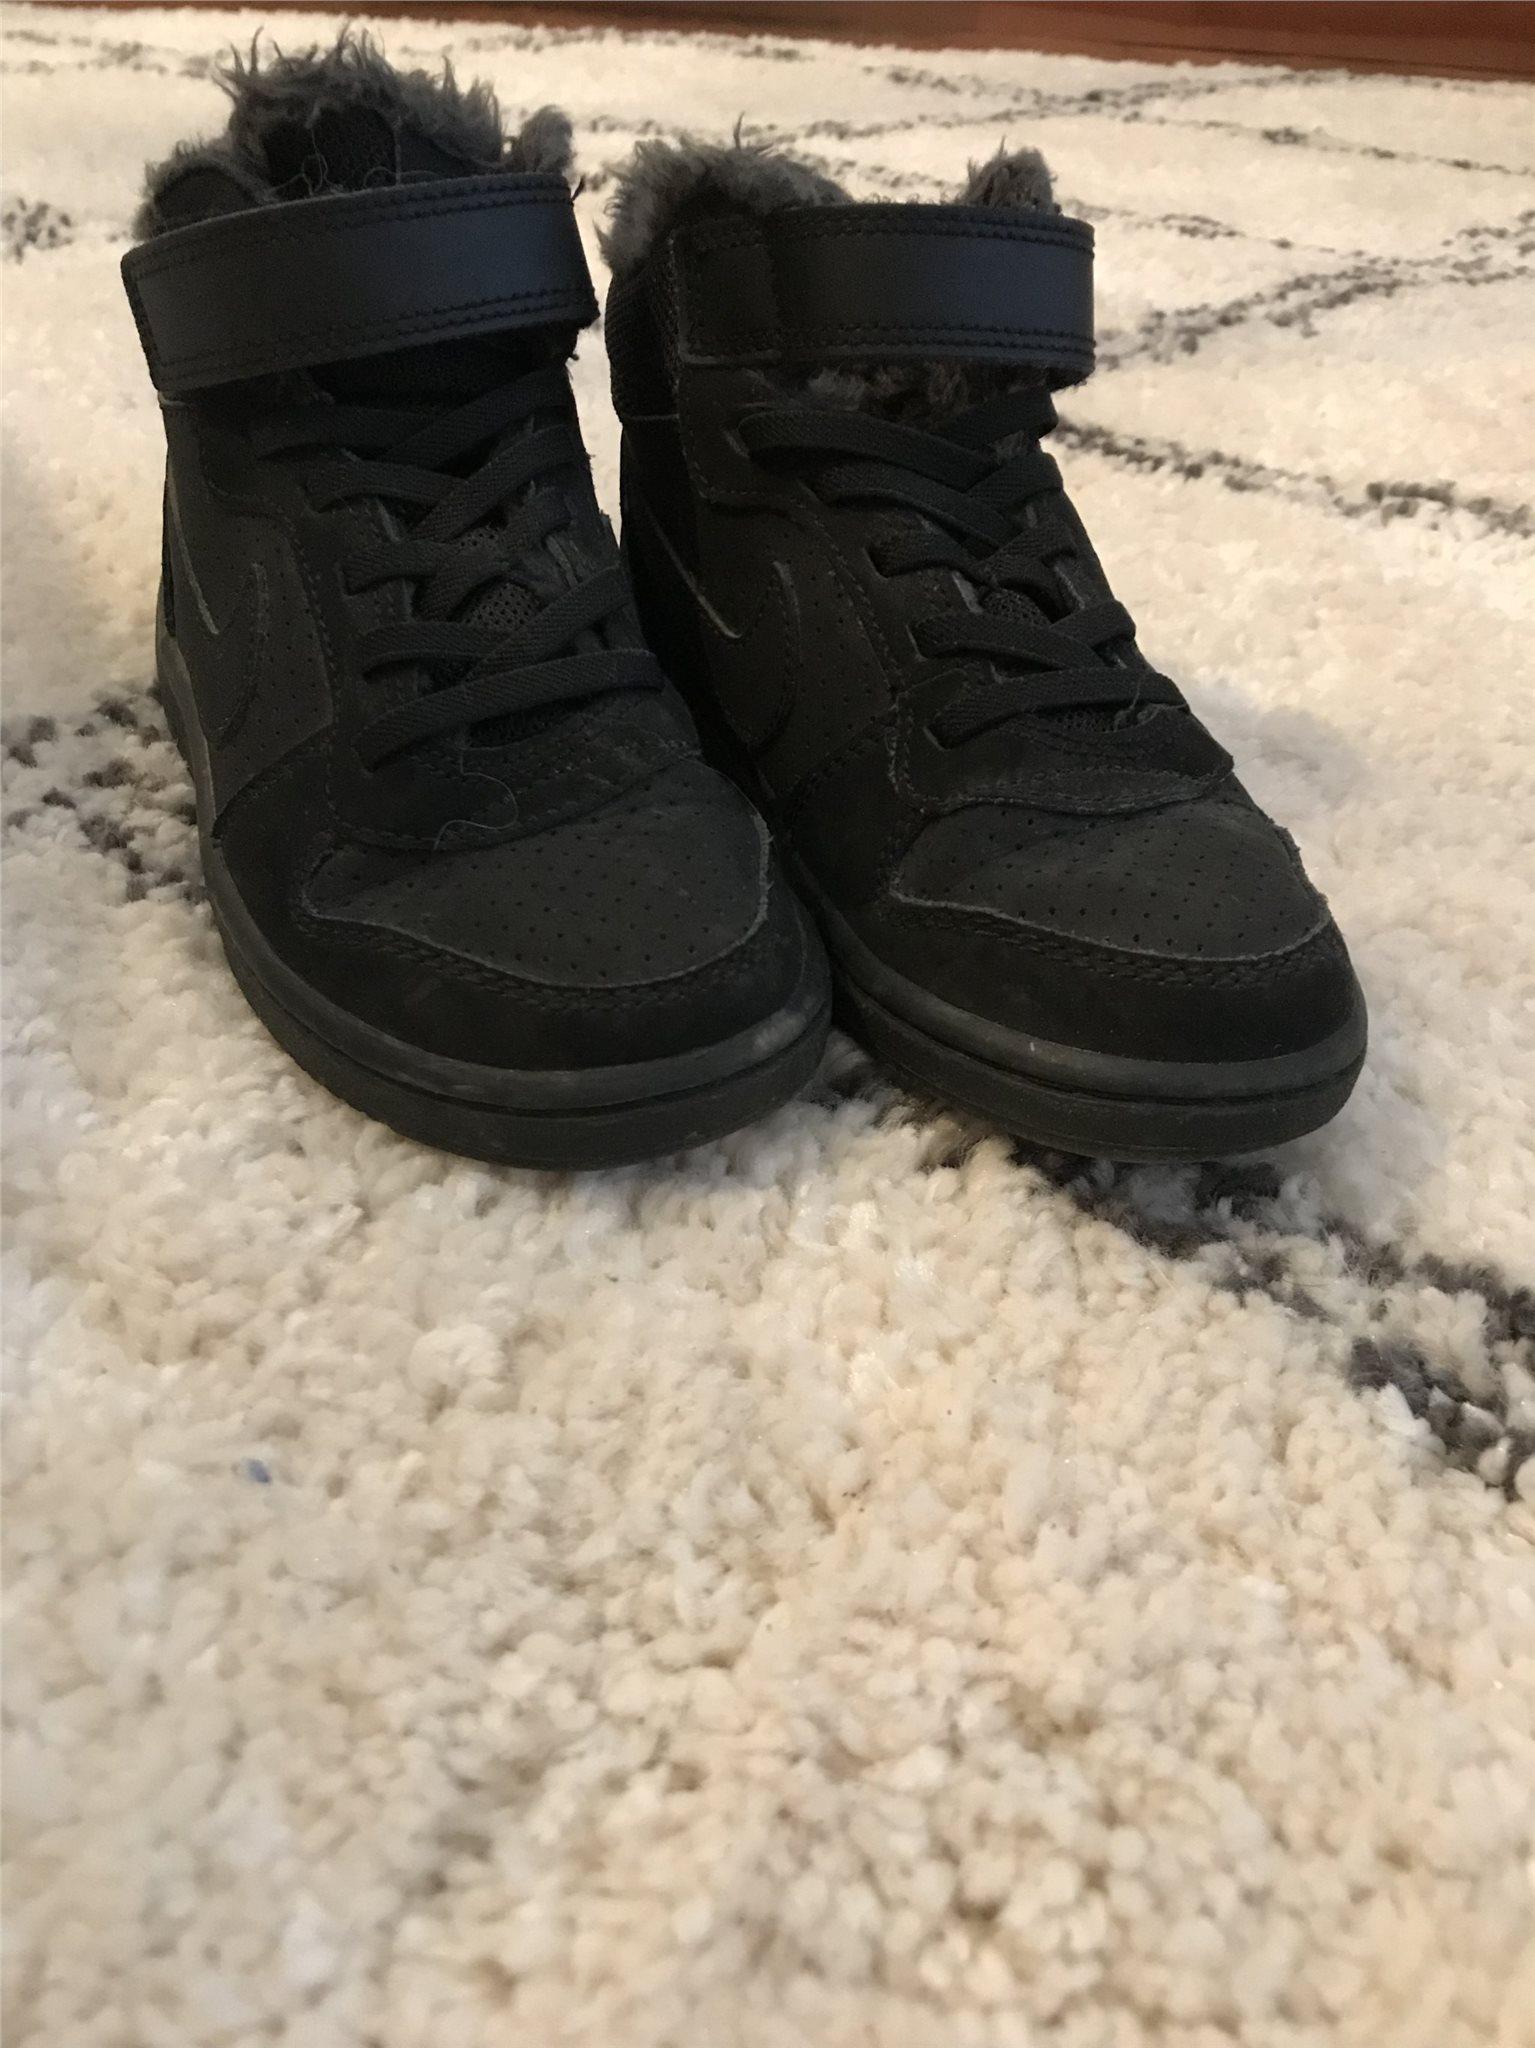 brand new 13564 08a4a Nike skor barn (340601243) ᐈ Köp på Tradera